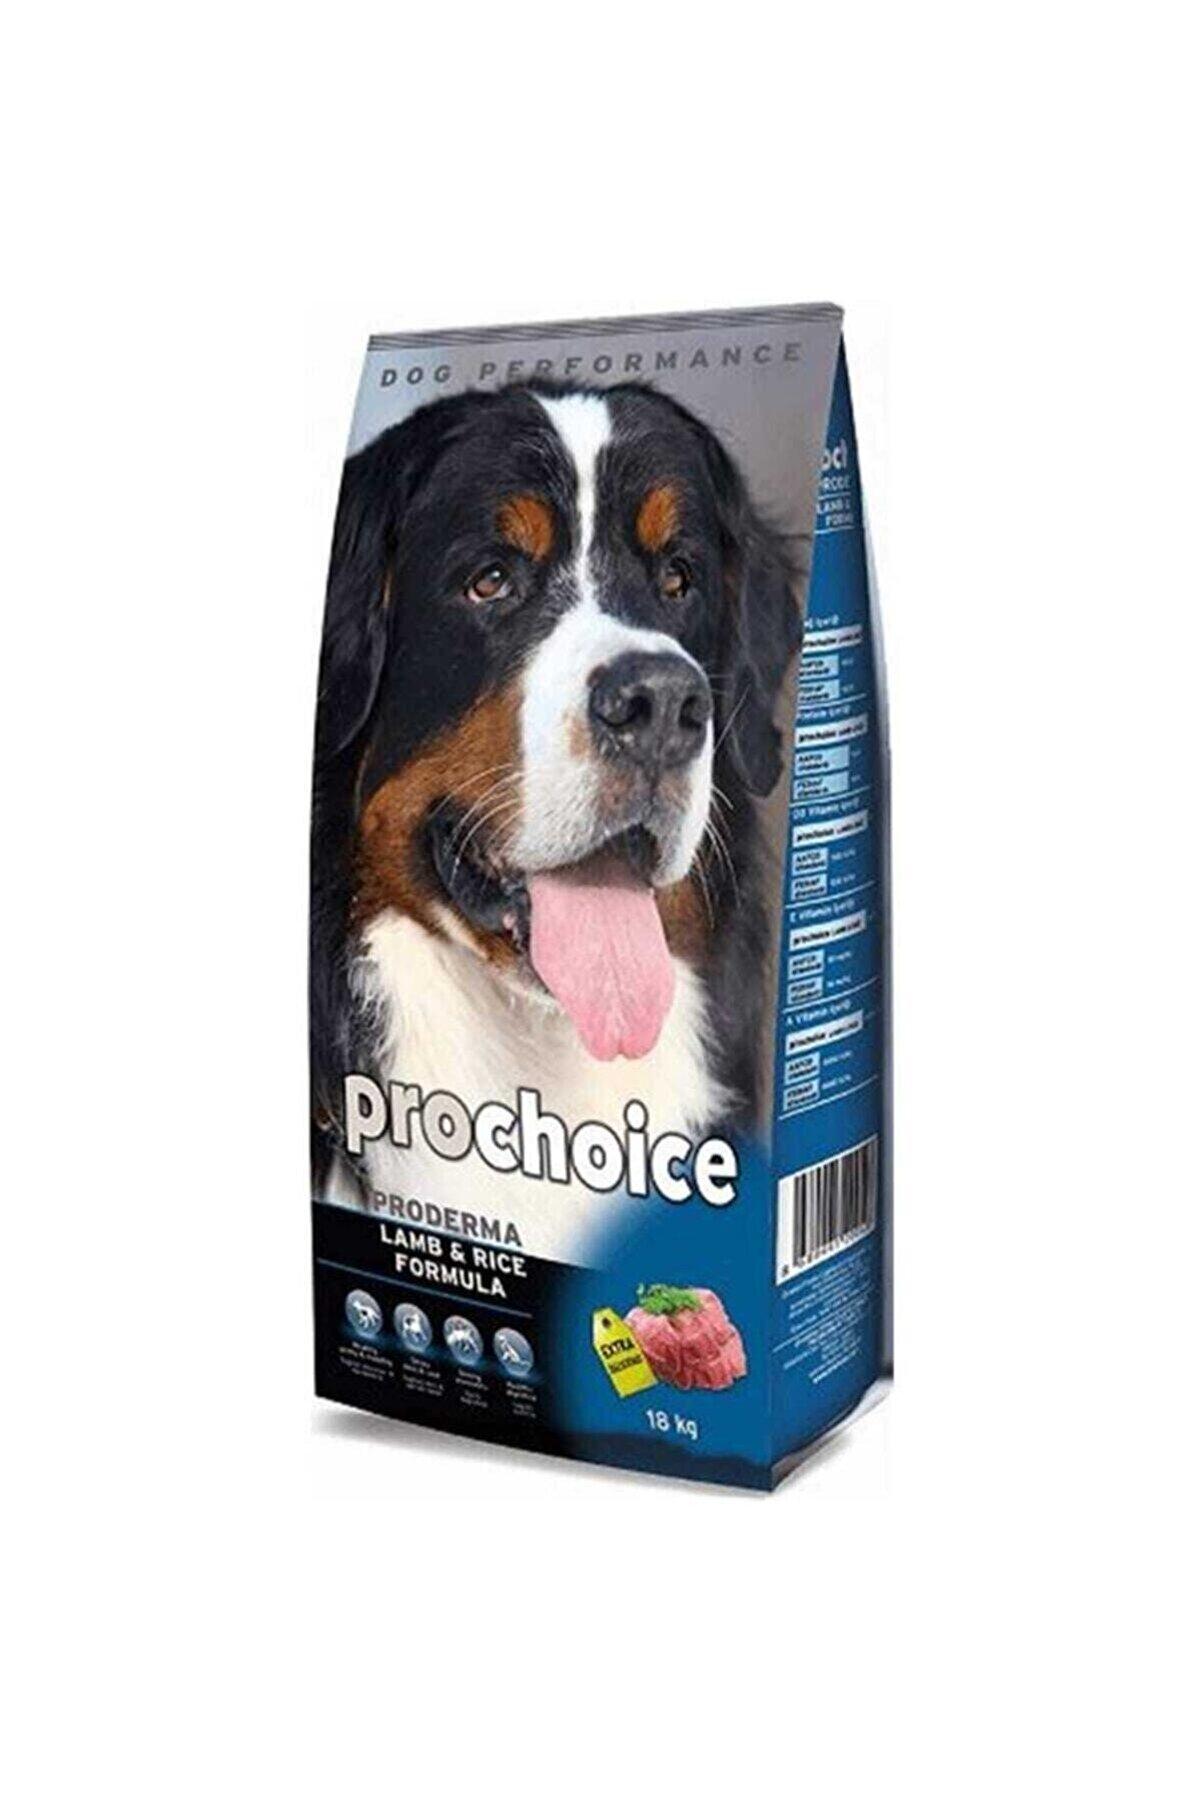 Pro Choice Prochoice Proderma Kuzu Etli Ve Pirinçli Yetişkin Köpek Maması 18 Kg